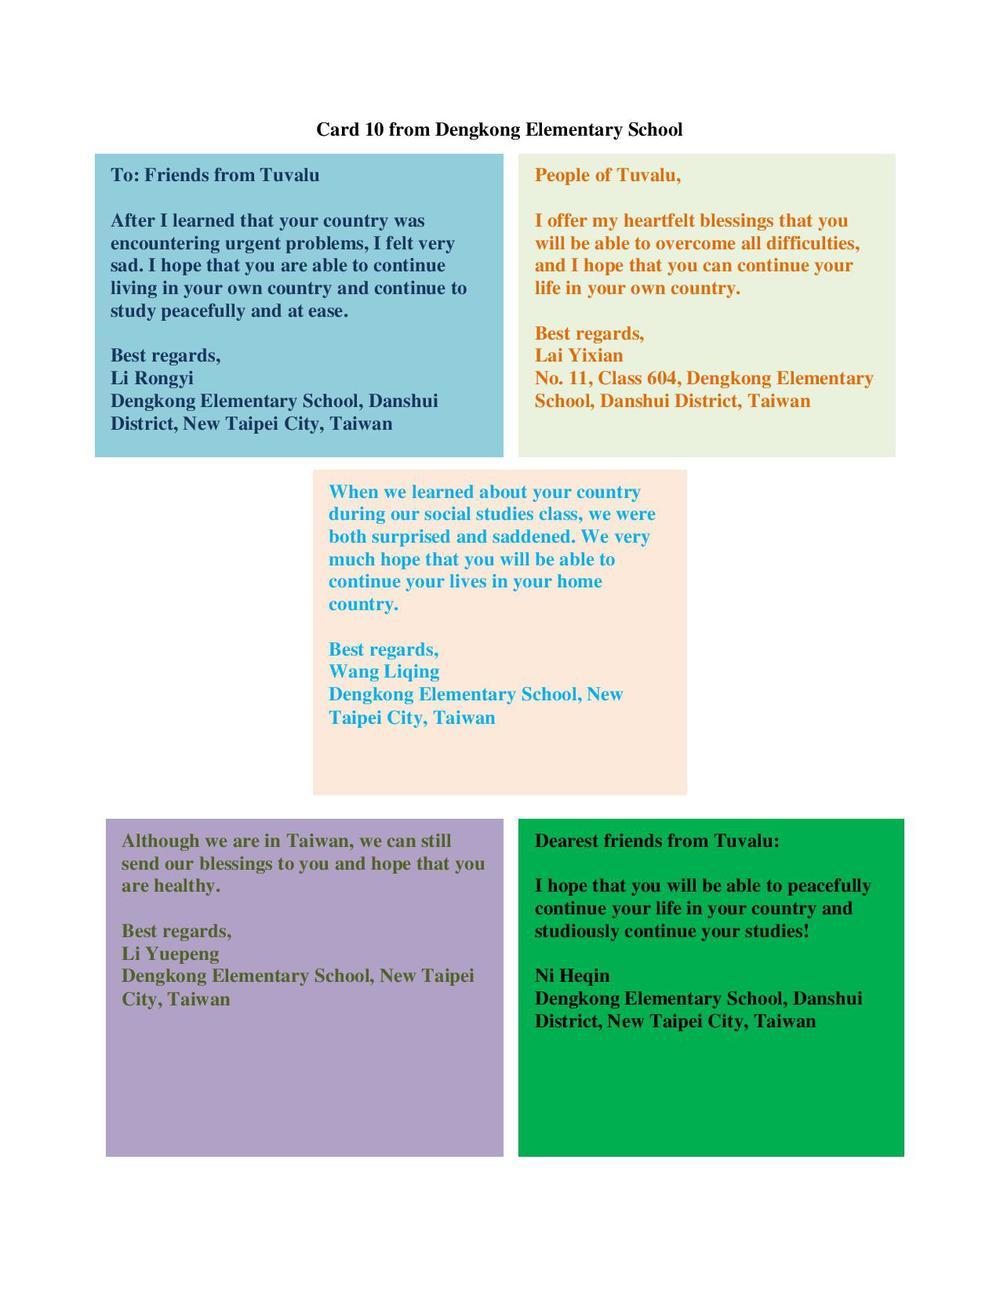 鄧公翻譯2015 0601st Translations of Cards from Dengkong Elementary School-page-001.jpg